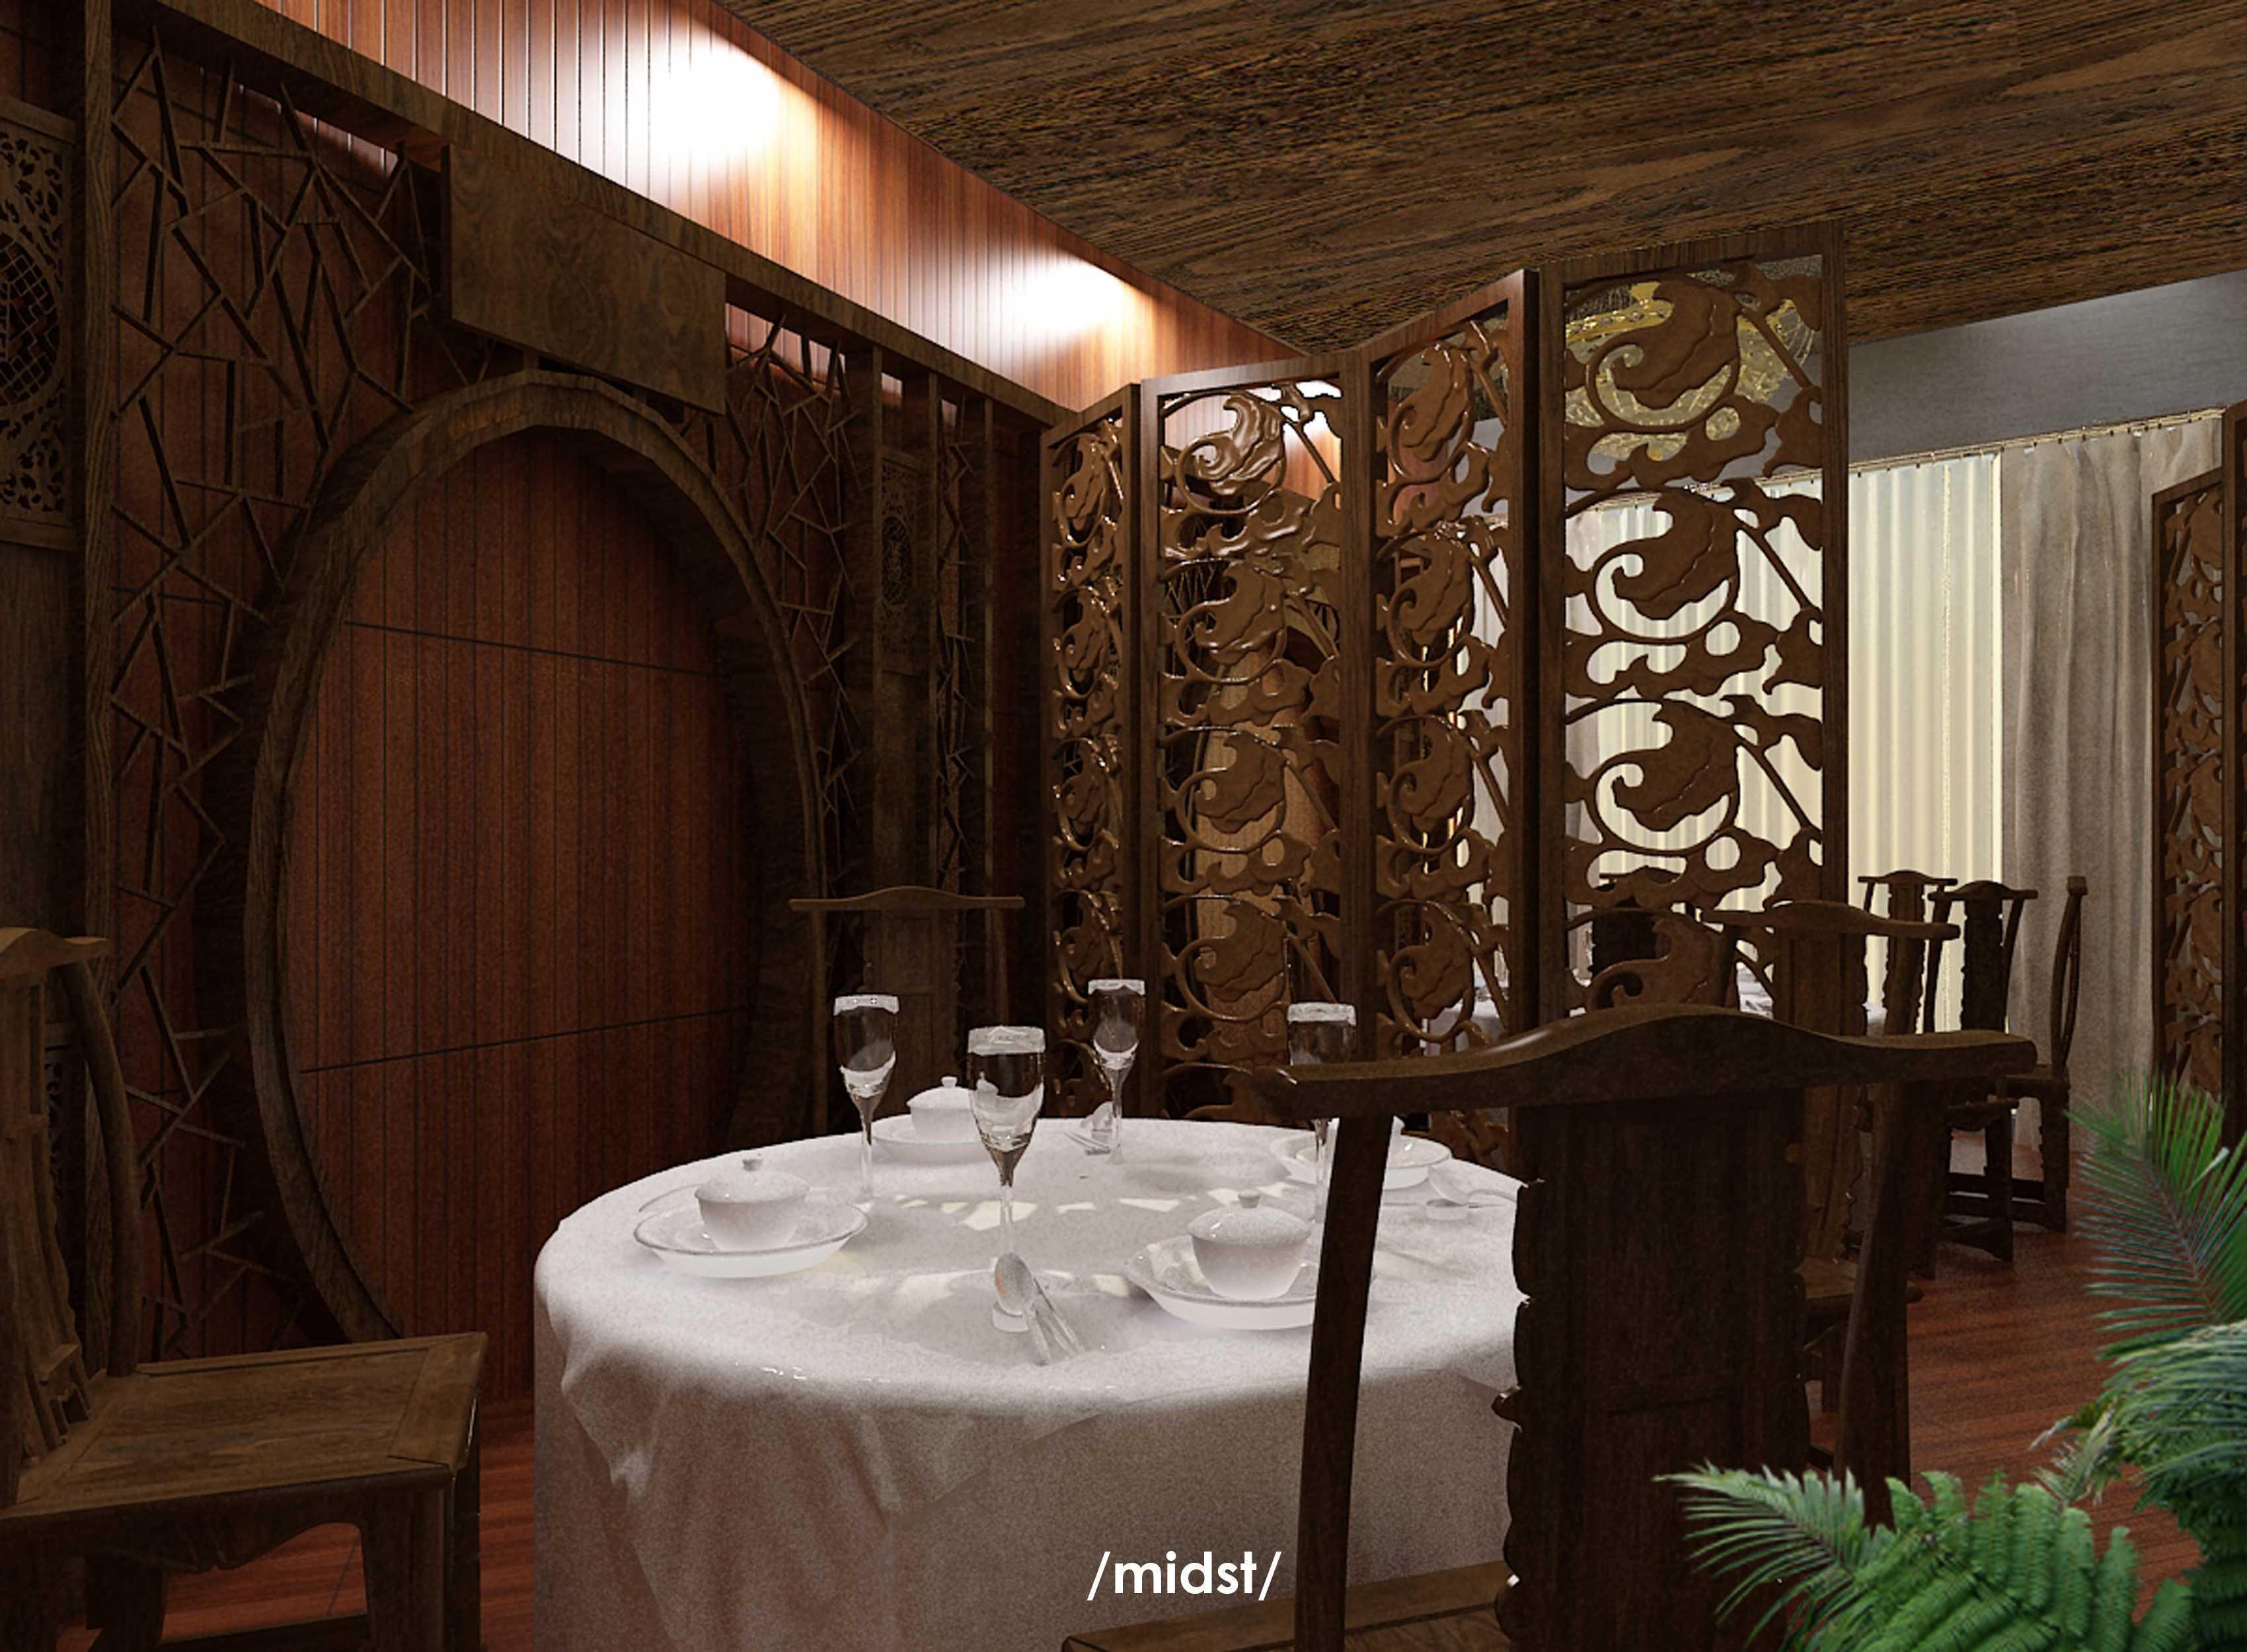 Midst Interiors Chinese Restaurant Jakarta, Daerah Khusus Ibukota Jakarta, Indonesia Jakarta, Daerah Khusus Ibukota Jakarta, Indonesia Midst-Interiors-Chinese-Restaurant   86294